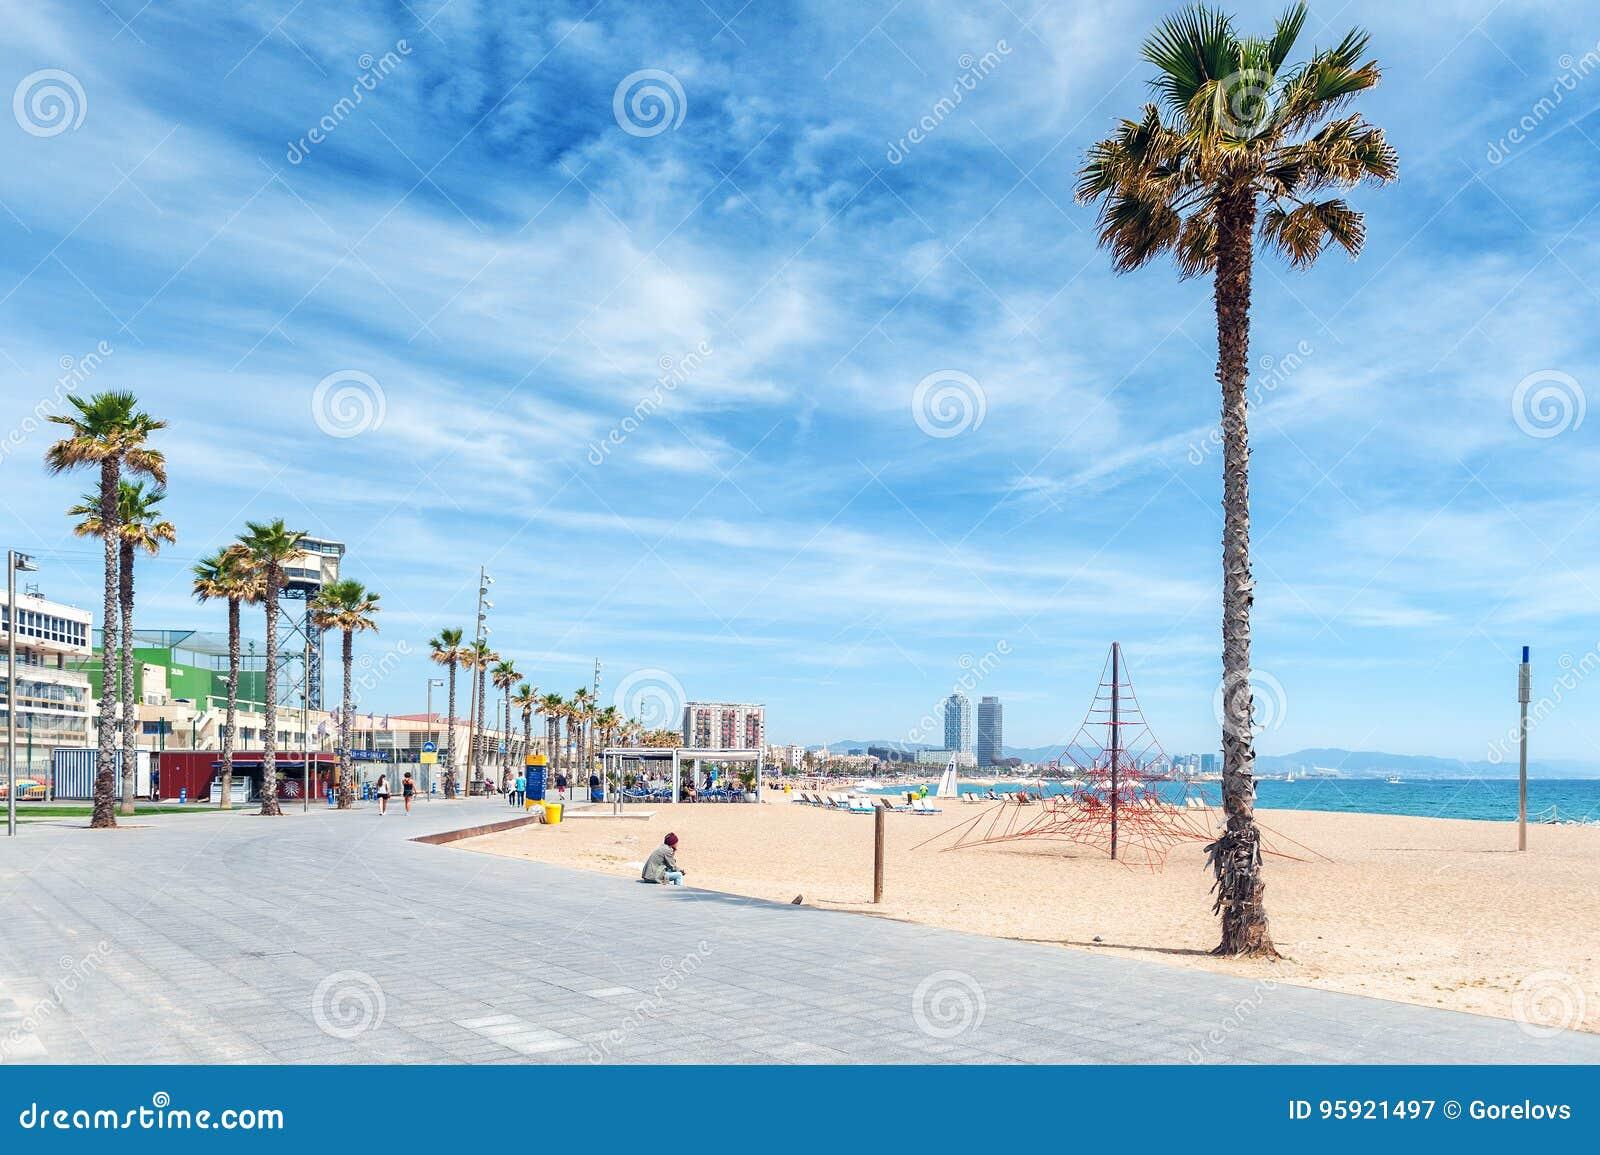 Einsamer Mann Sitzt Nahe Palme Am Sandigen Strand Von Barcelona